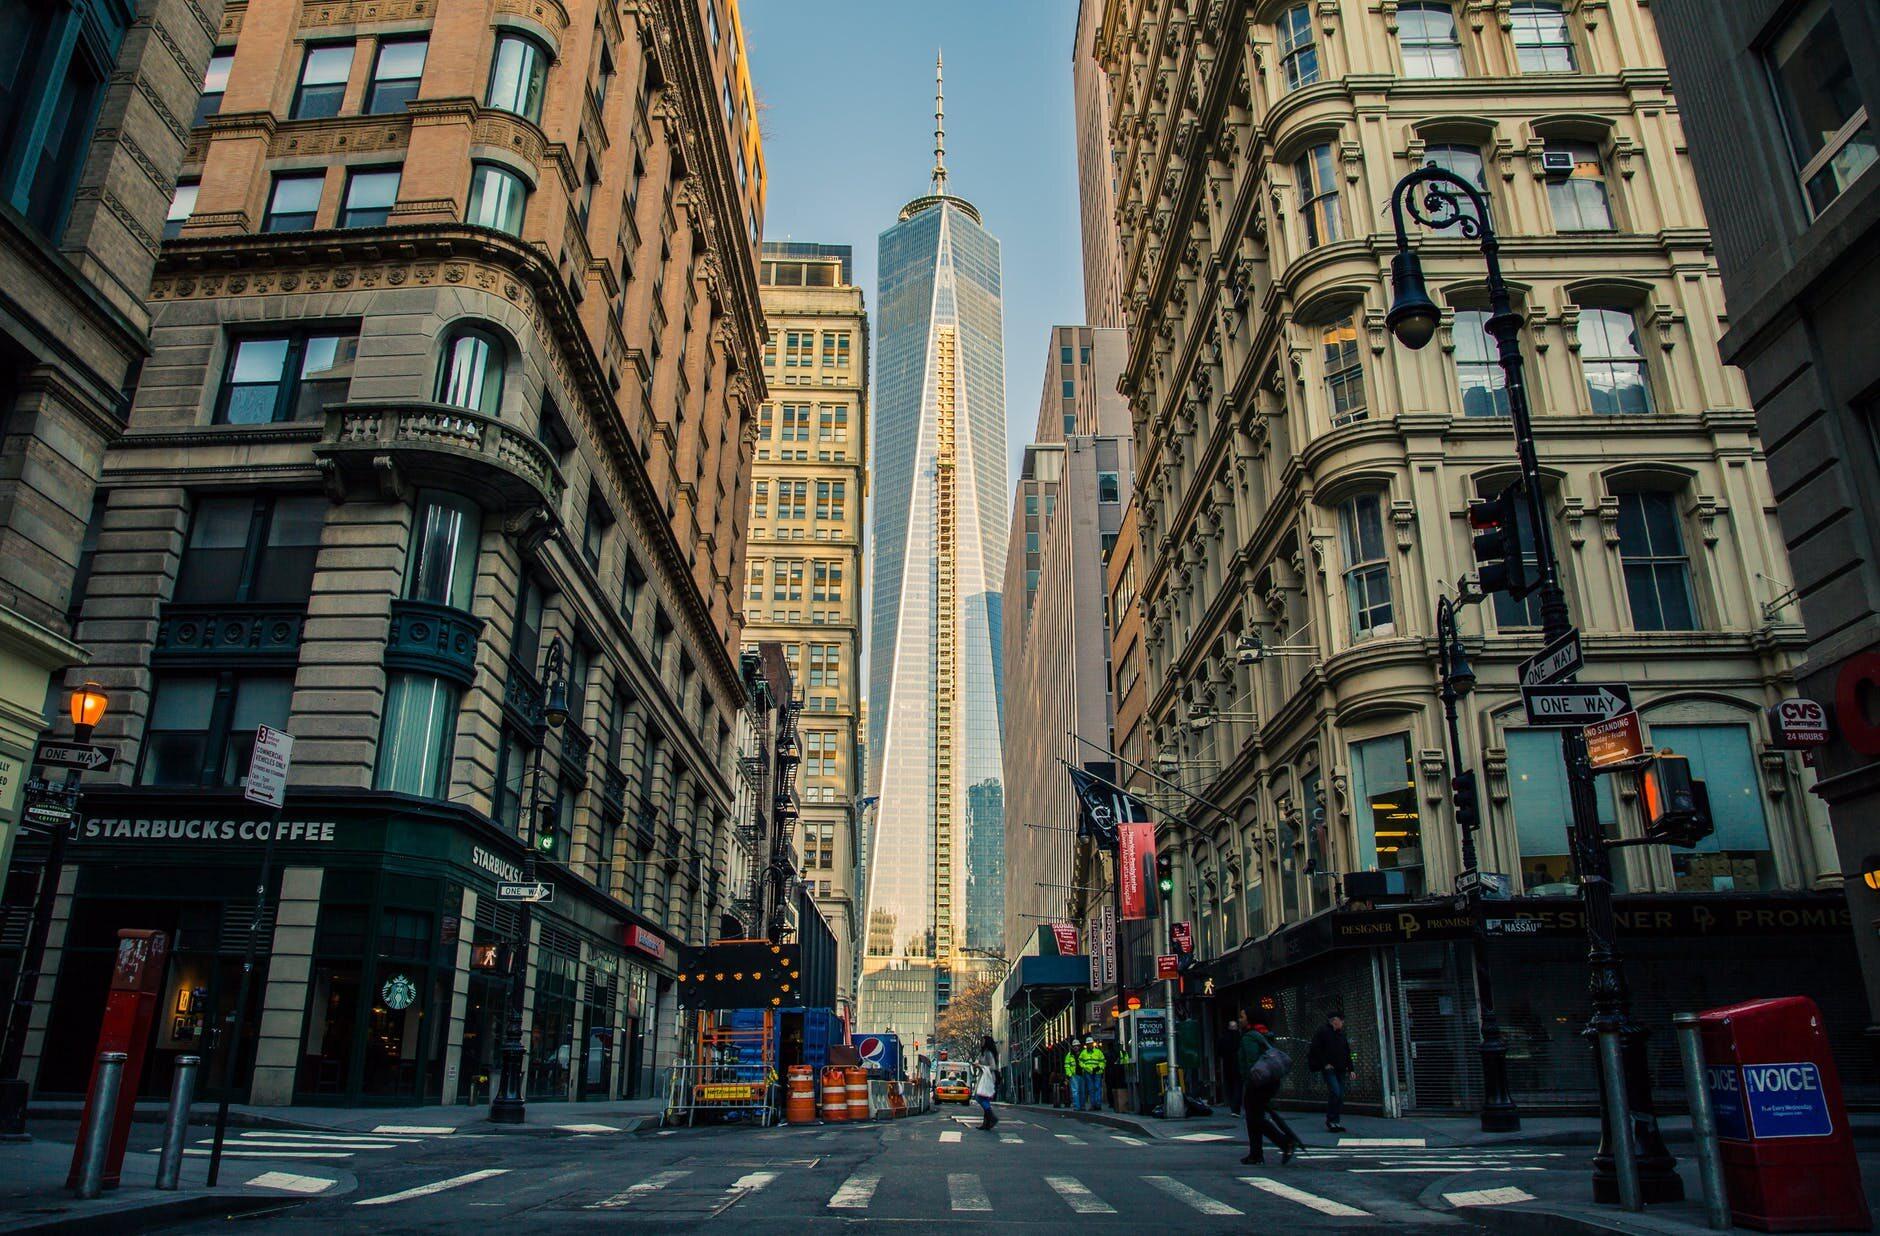 Nowy Jork, zdjęcie ilustracyjne